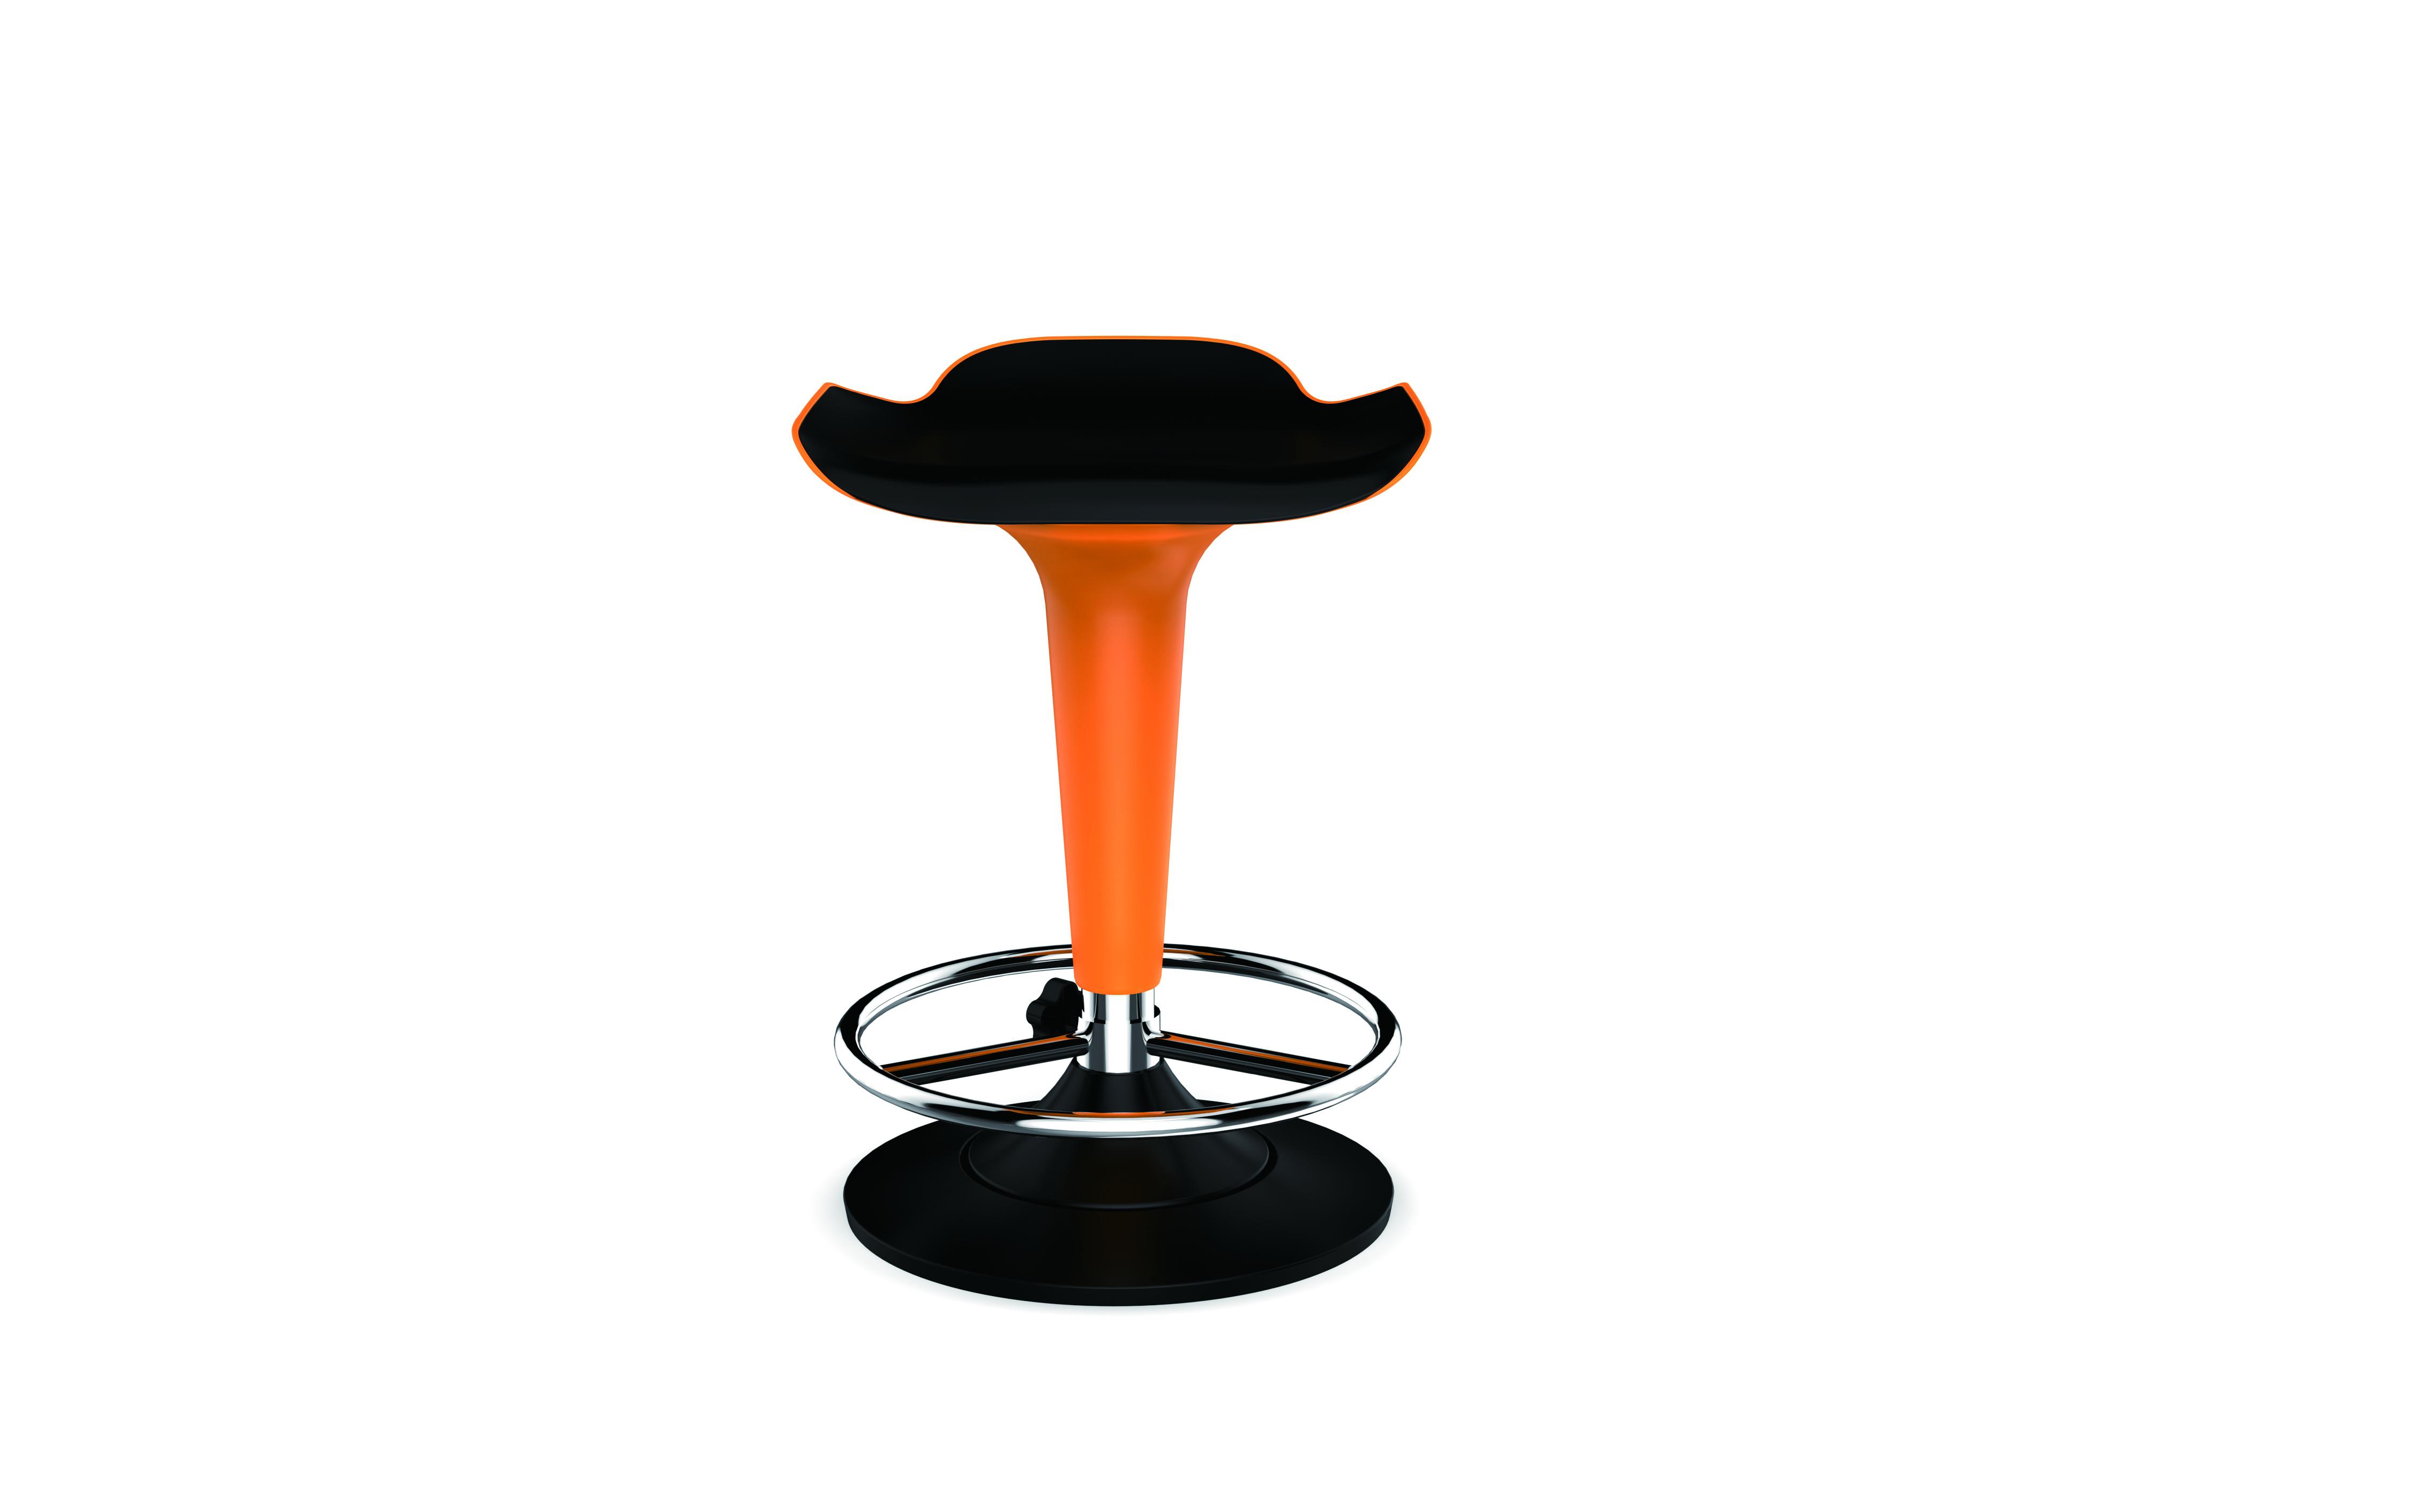 Laboratorinė kėdė